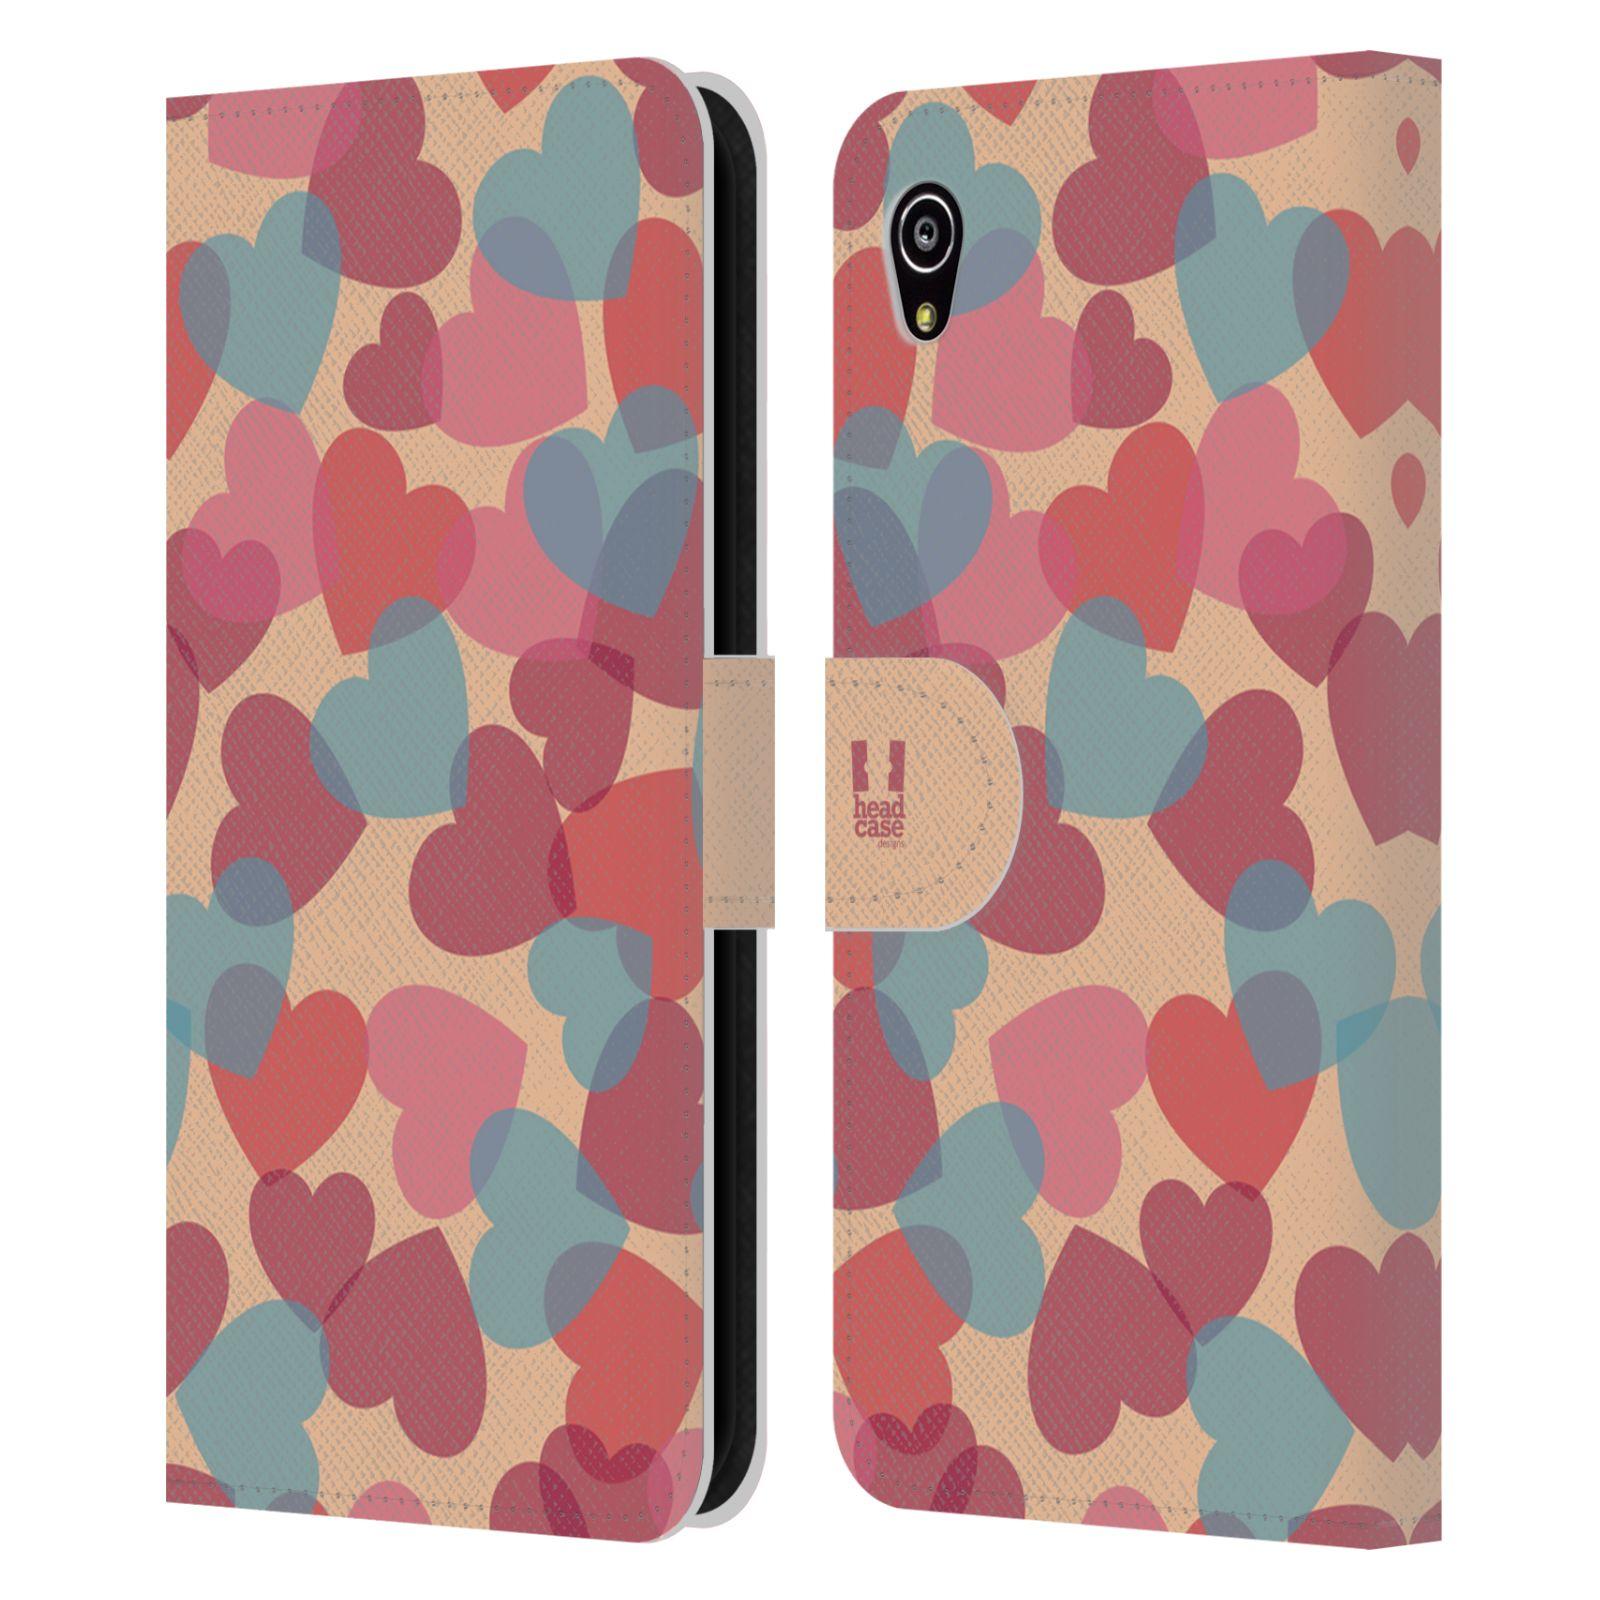 HEAD CASE Flipové pouzdro pro mobil SONY XPERIA M4 AQUA vzor prolínající se srdíčka, srdce, láska, růžová